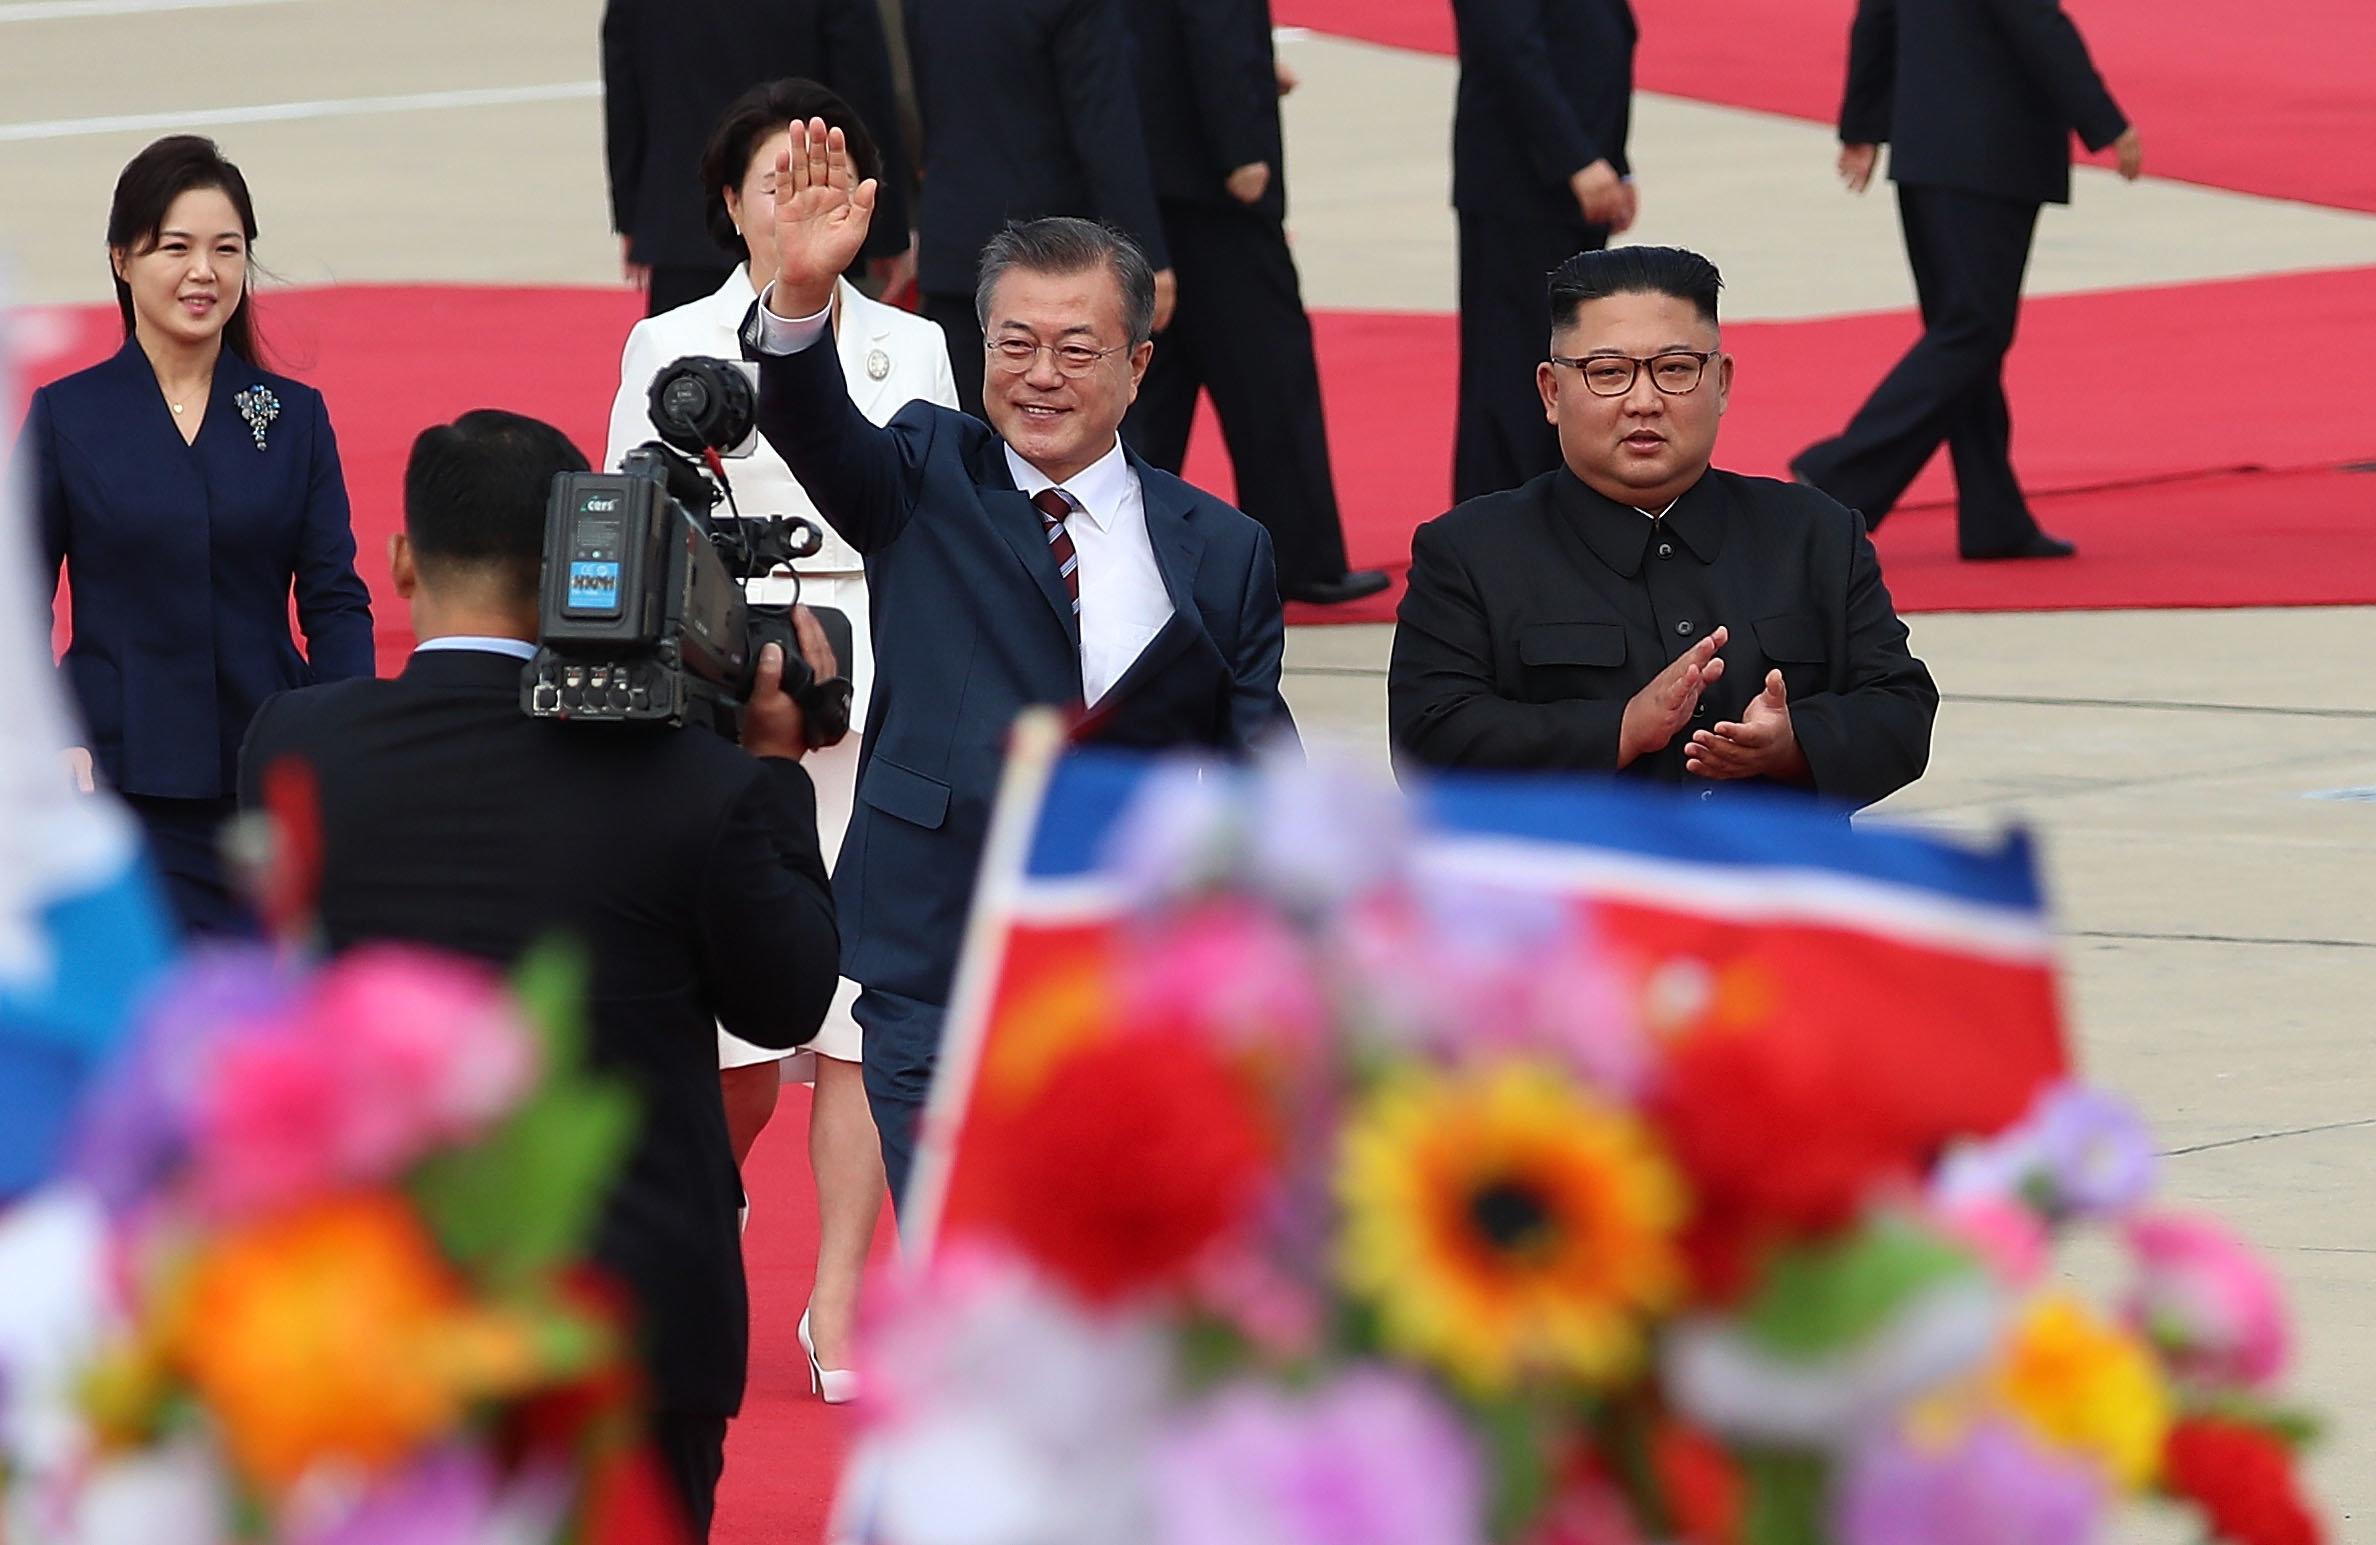 [남북정상회담] 문재인 대통령이 평양 순안공항에 도착했다